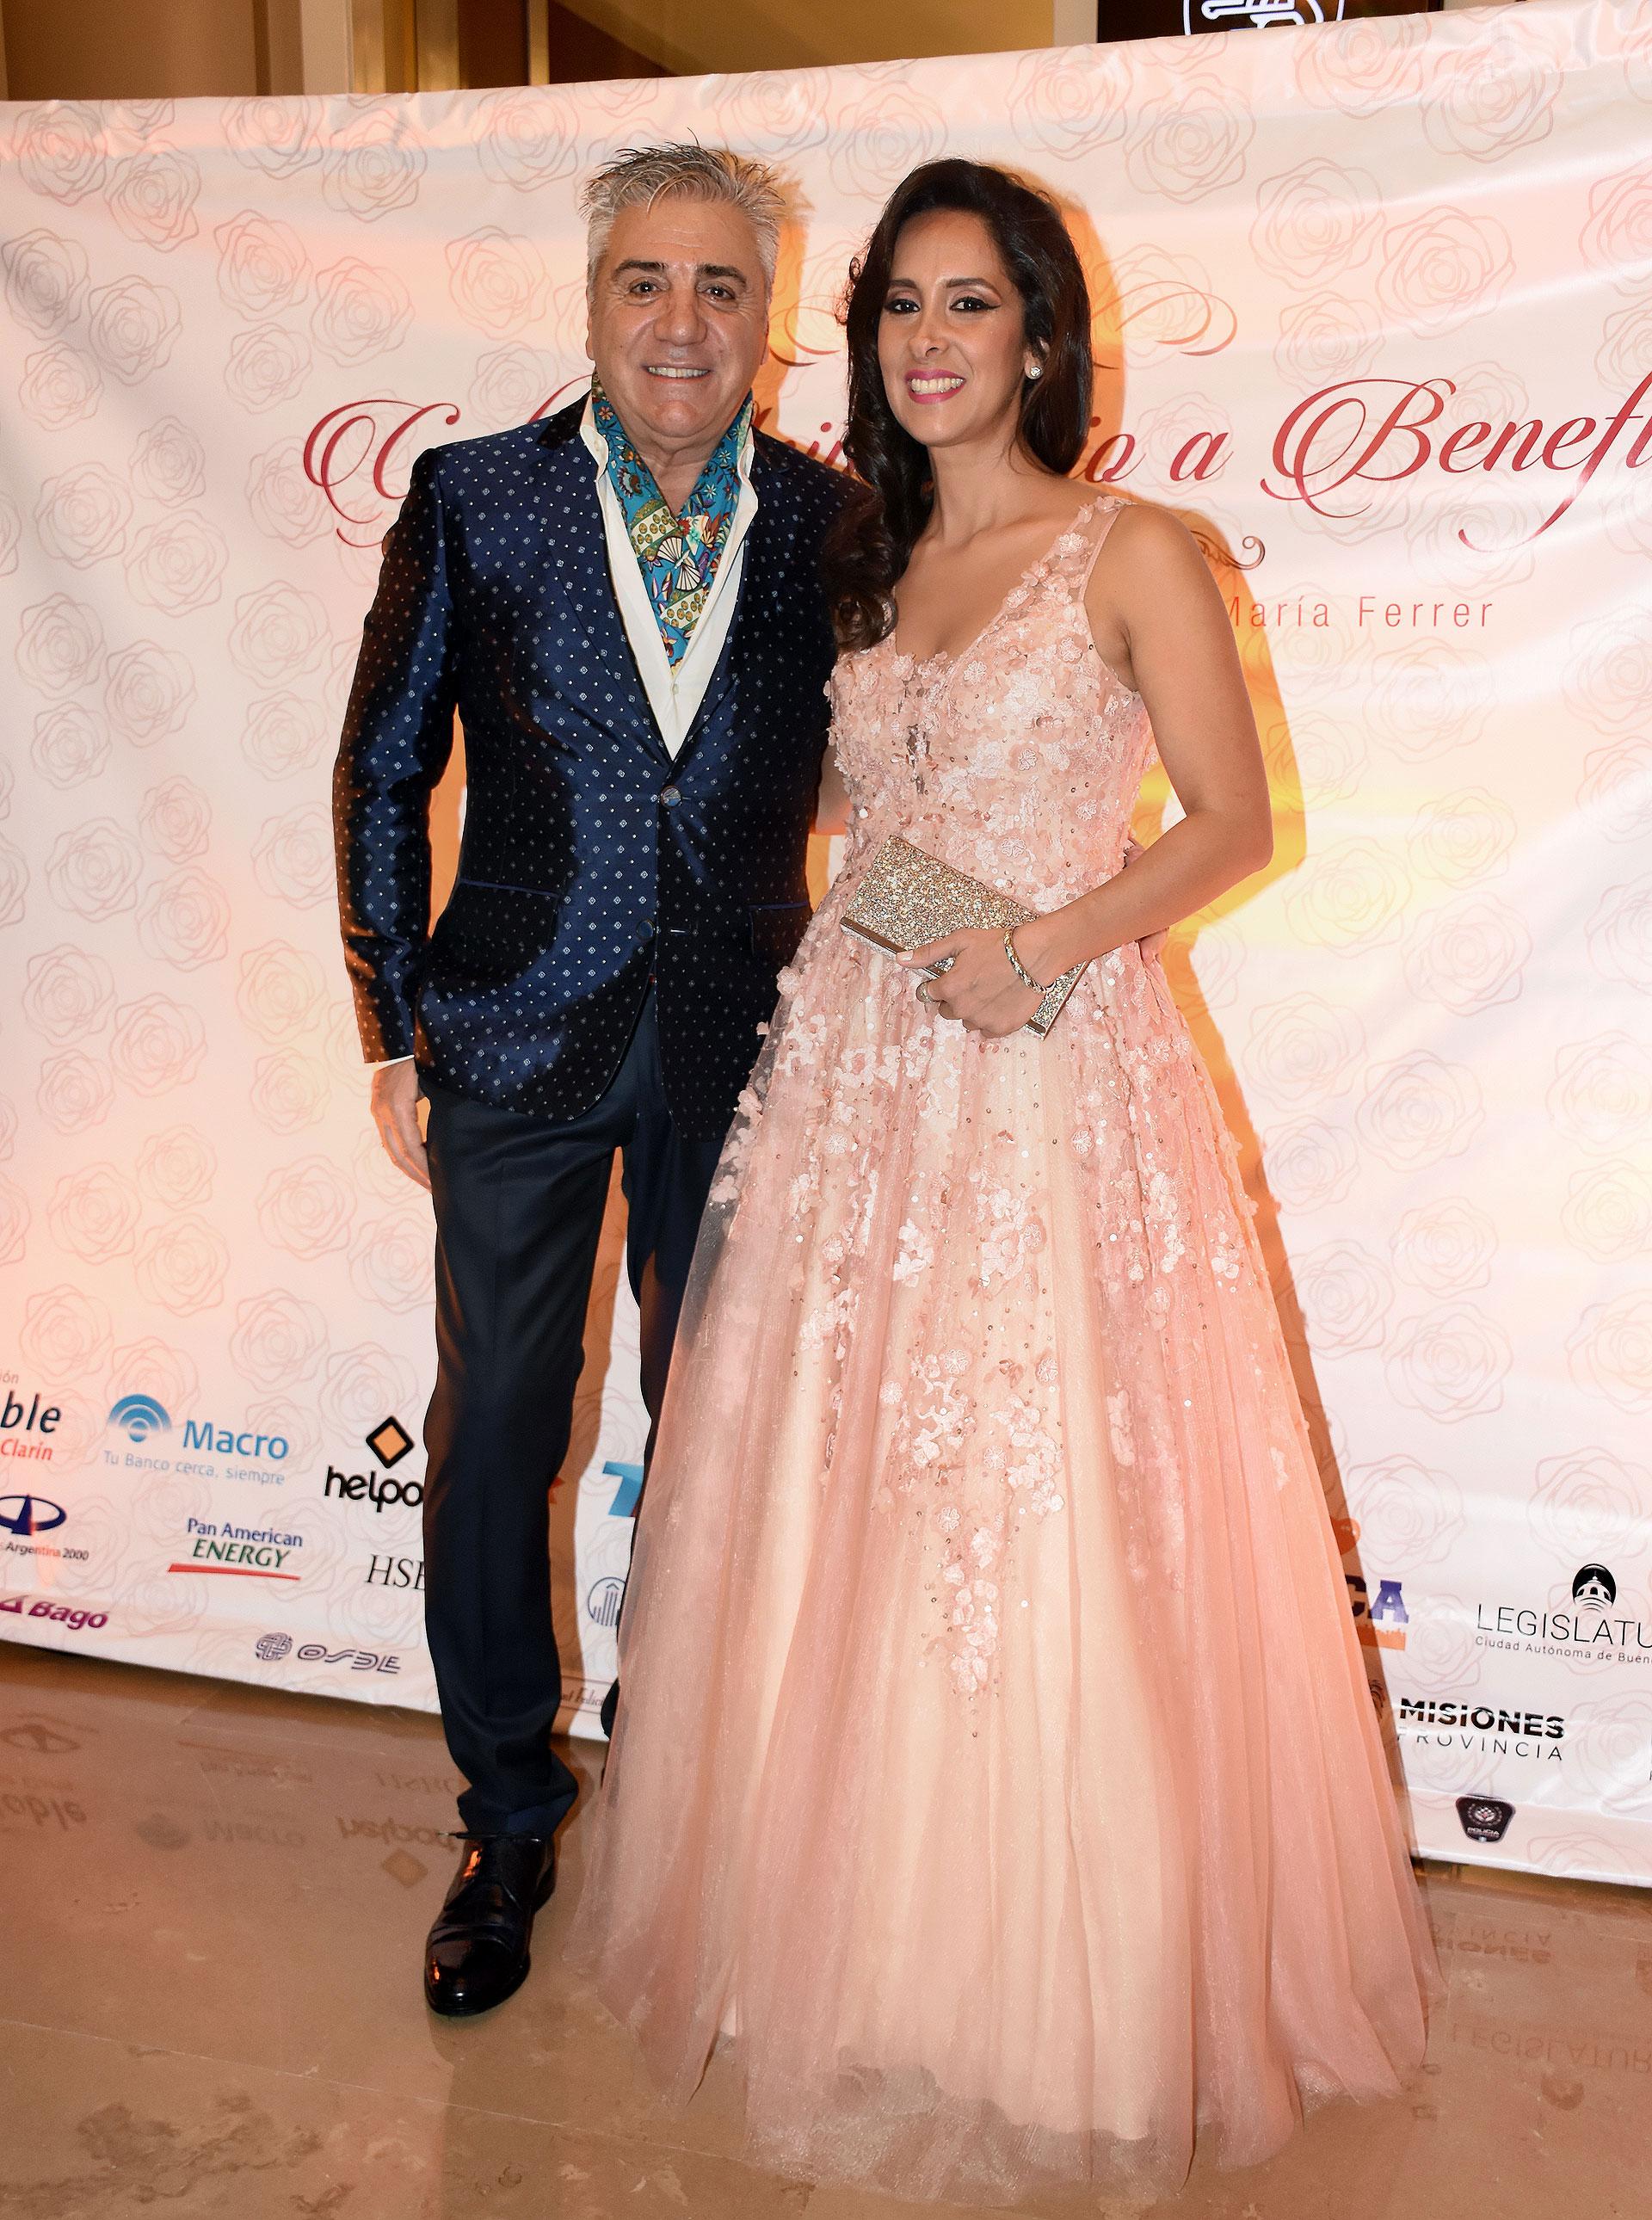 Con Vanesa Noble Herrera en la segunda Gala Aniversario a beneficio de la Asociación Cooperadora del Hospital de Rehabilitación Respiratoria María Ferrer de la Ciudad de Buenos Aires en 2016